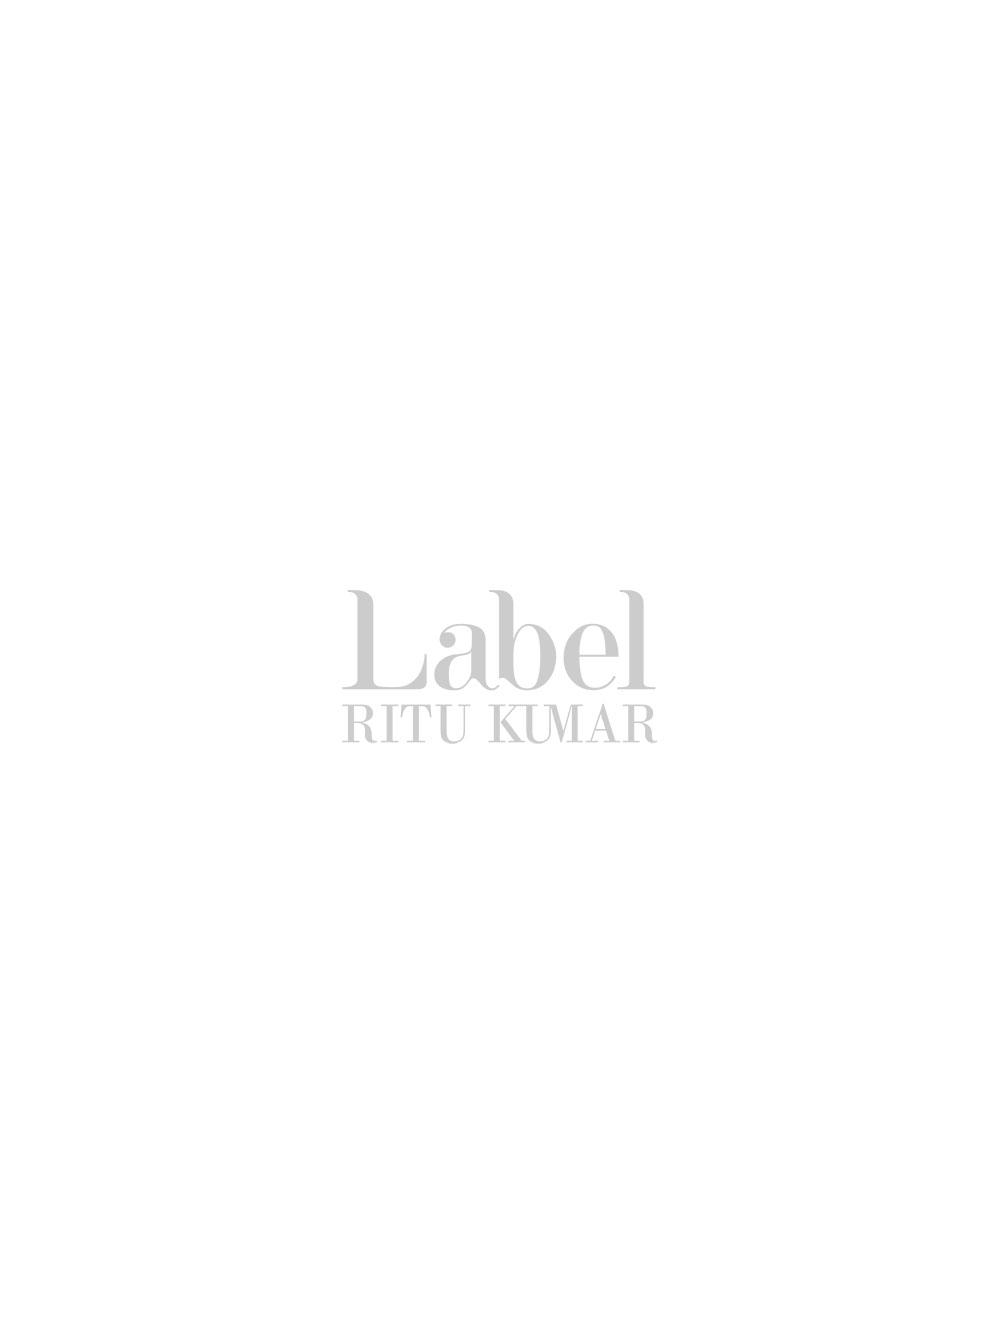 Dia Mirza in a Black Paisley Midi Skirt